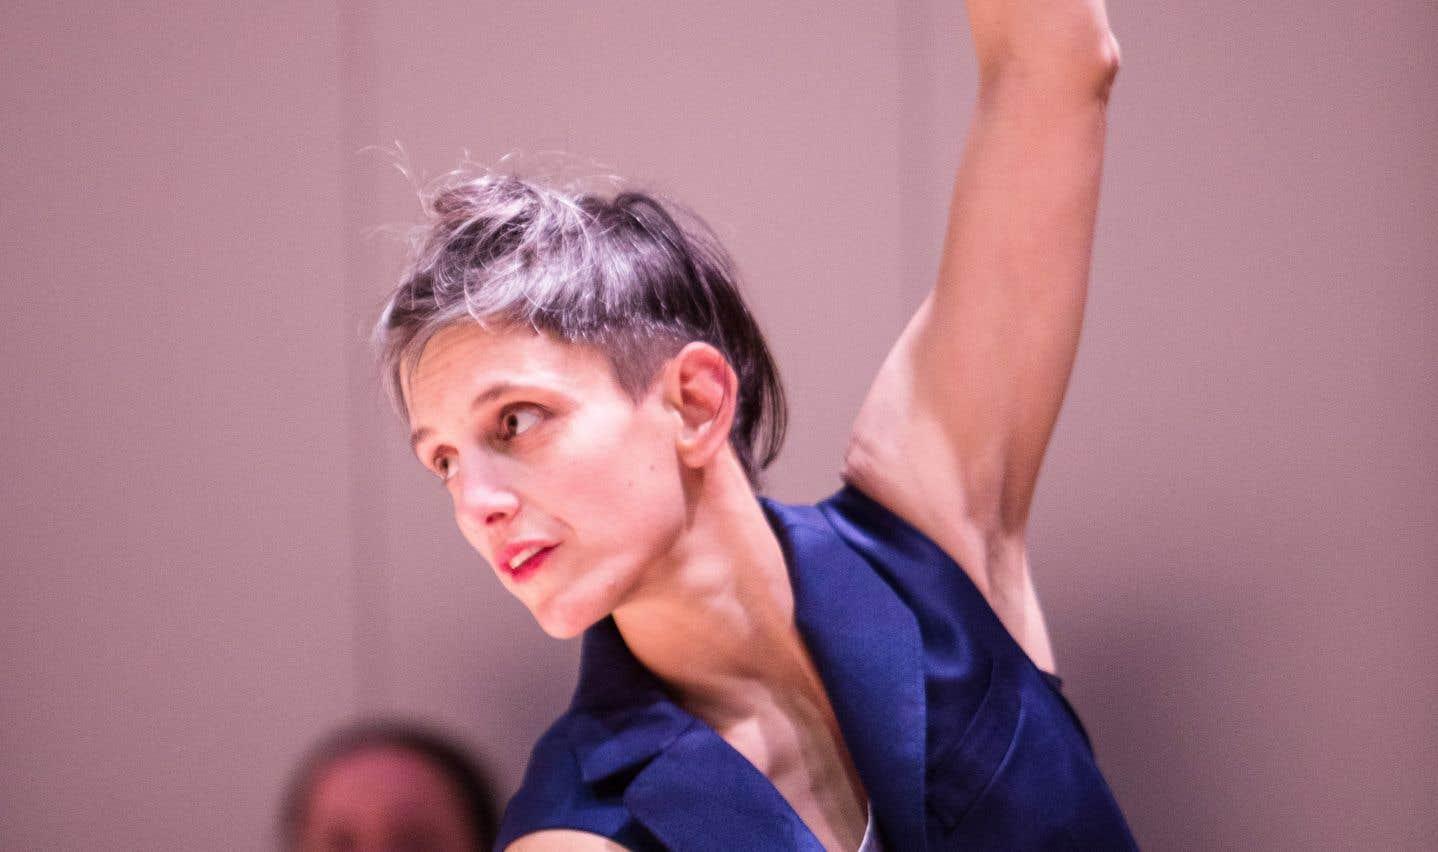 La pièce de la chorégraphe Hanna Sybille Müller a des allures de conférence dansée présentant de savoureuses pointes d'humour.